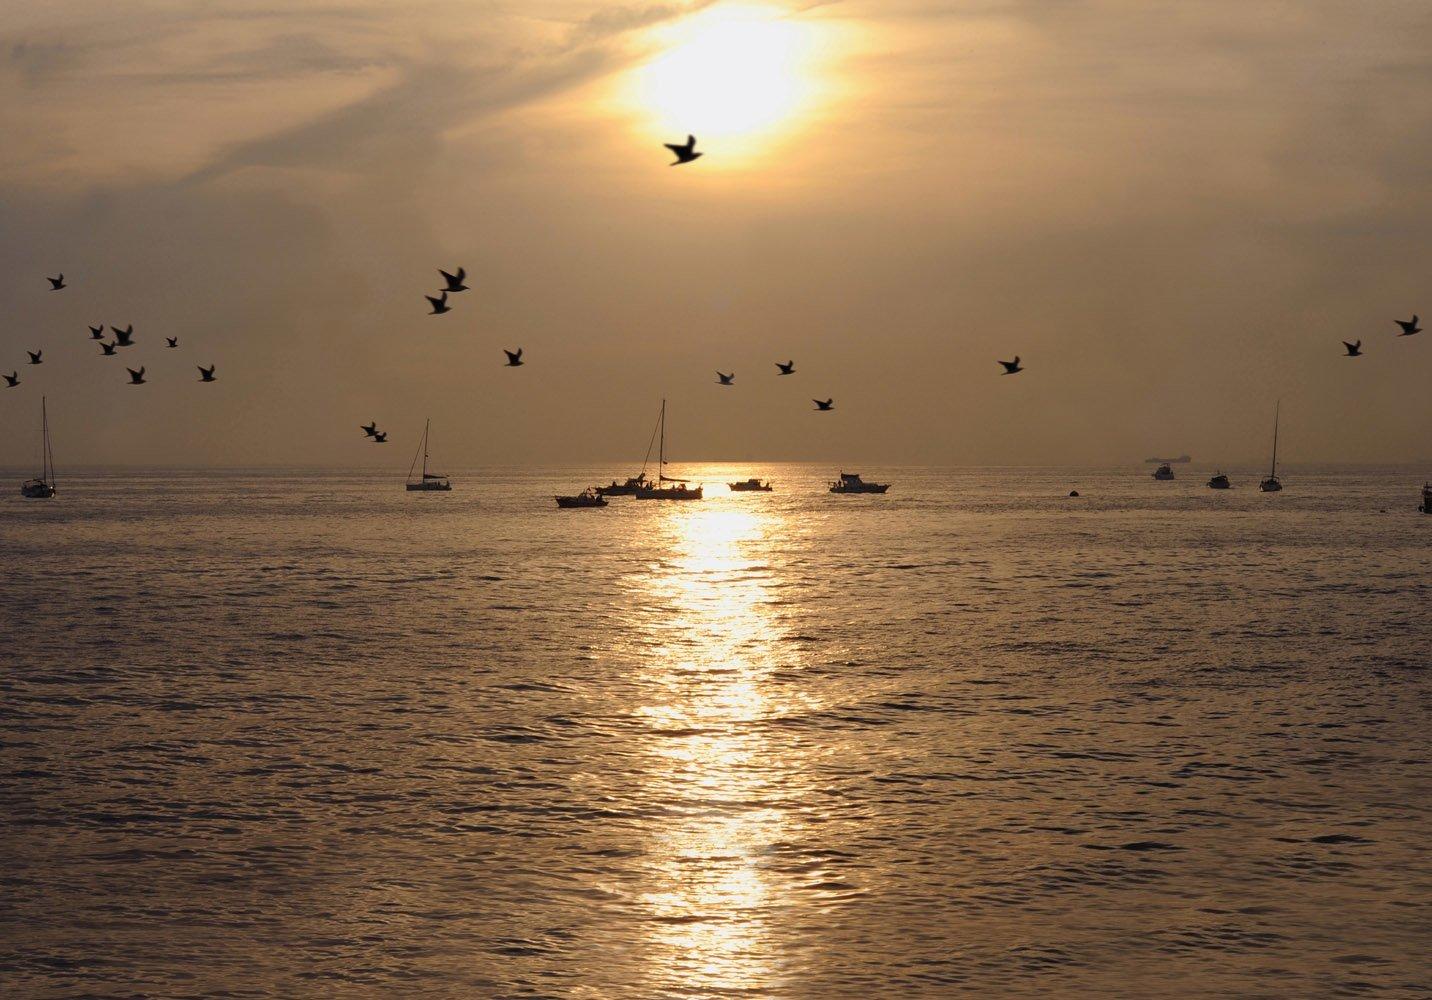 gün batımı görüntüsü